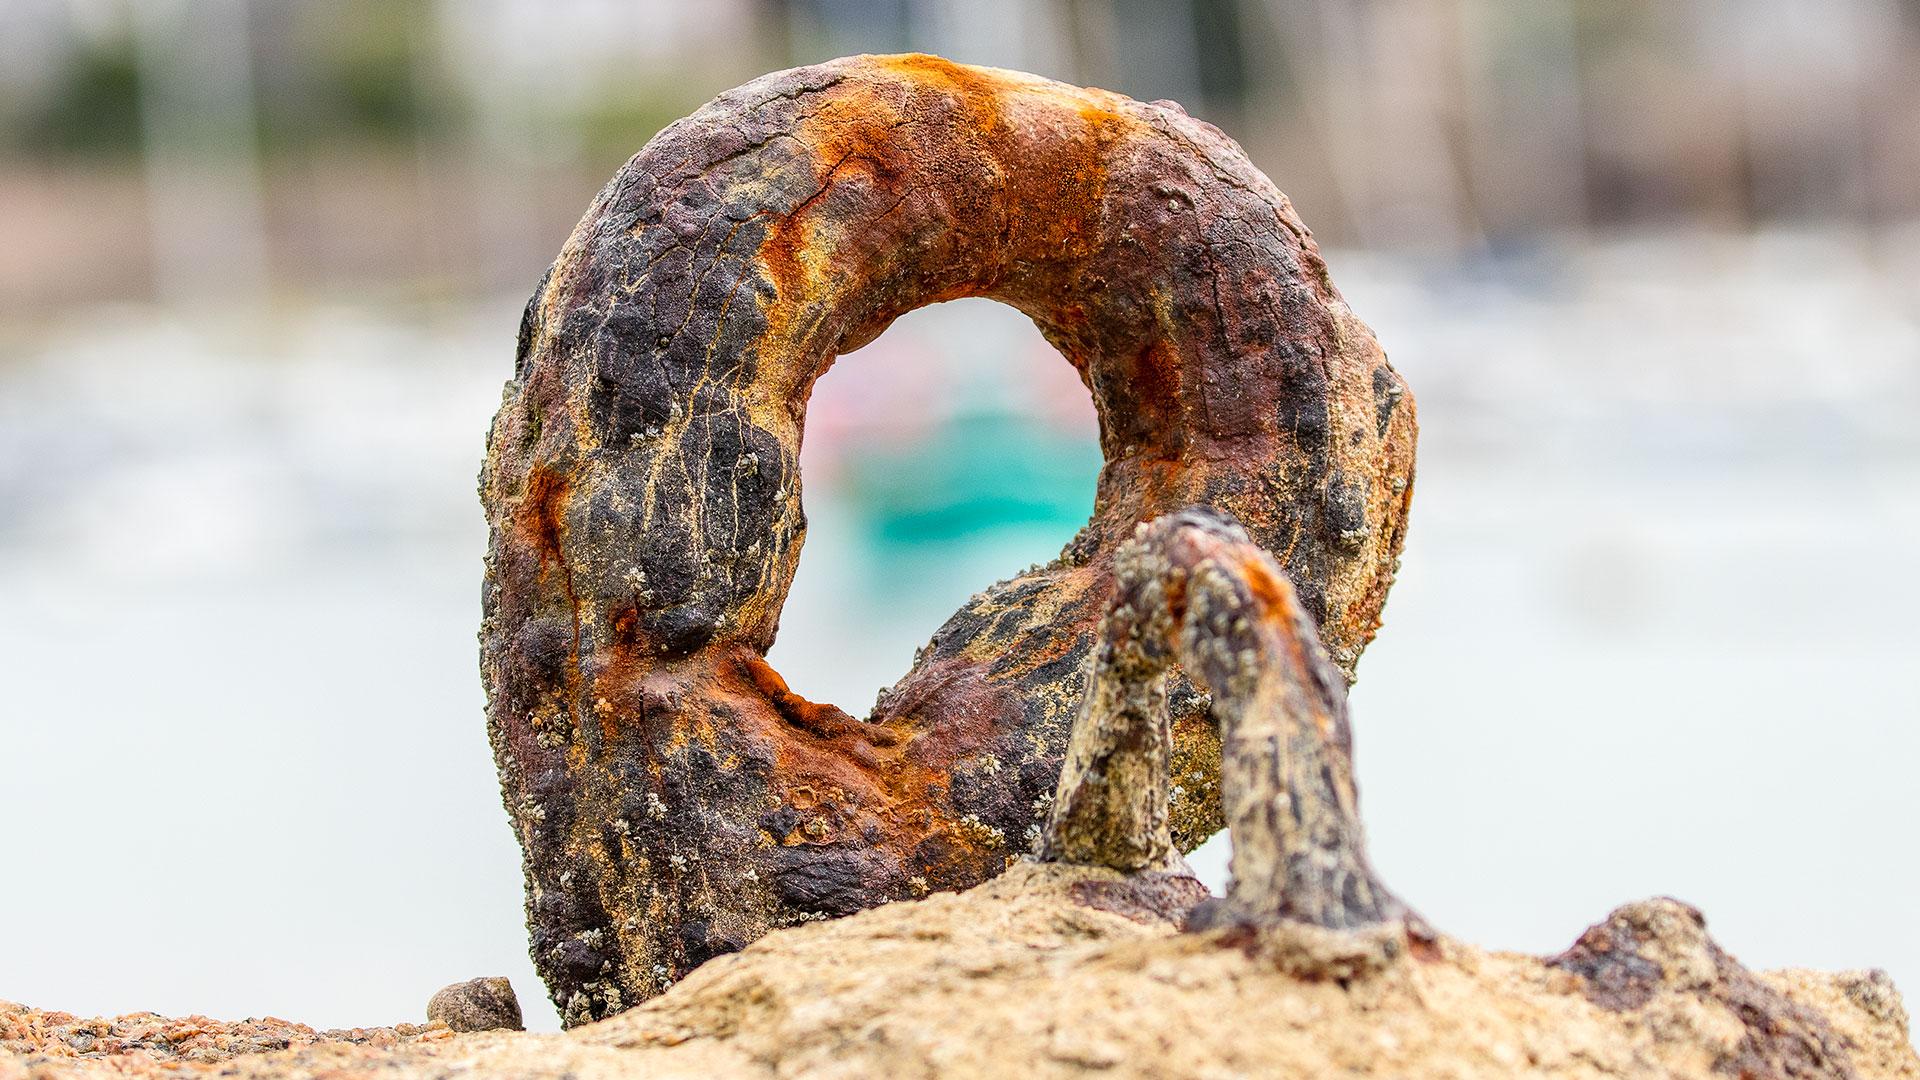 Landschaftsfotografie: Côte de Granit Rose – Hafen: Ring zum Festmachen von Booten | Foto: Dieter Eikenberg, imprints